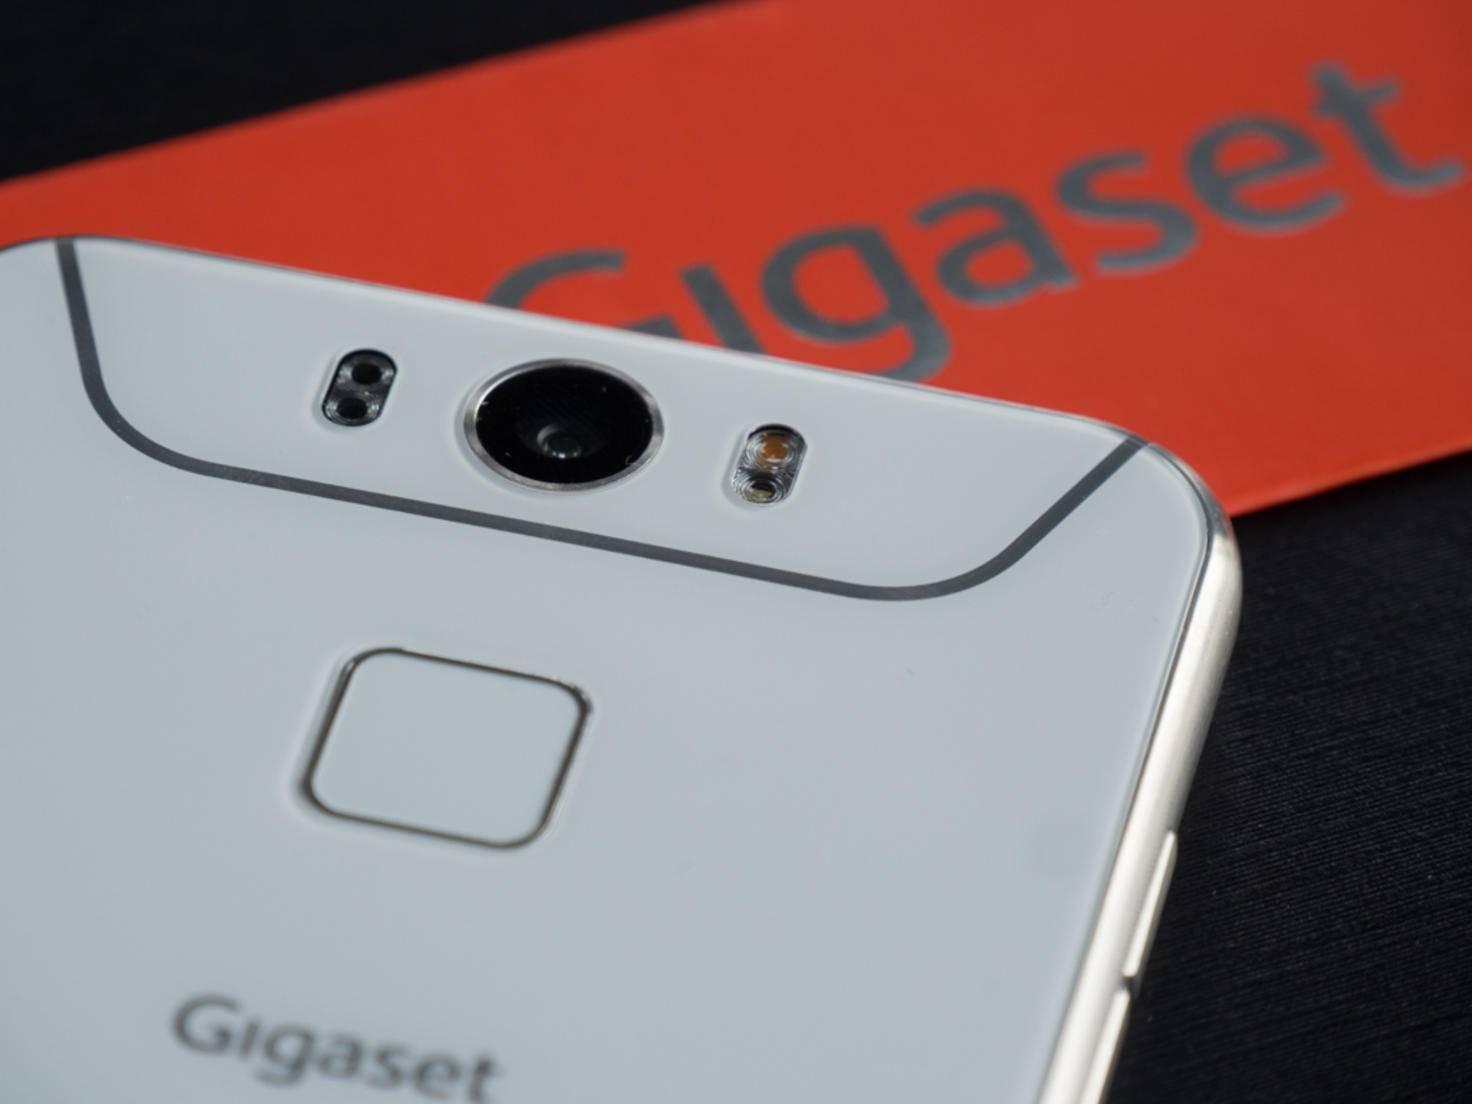 Der Fingerabdrucksensor ist direkt unter der Kamera platziert.